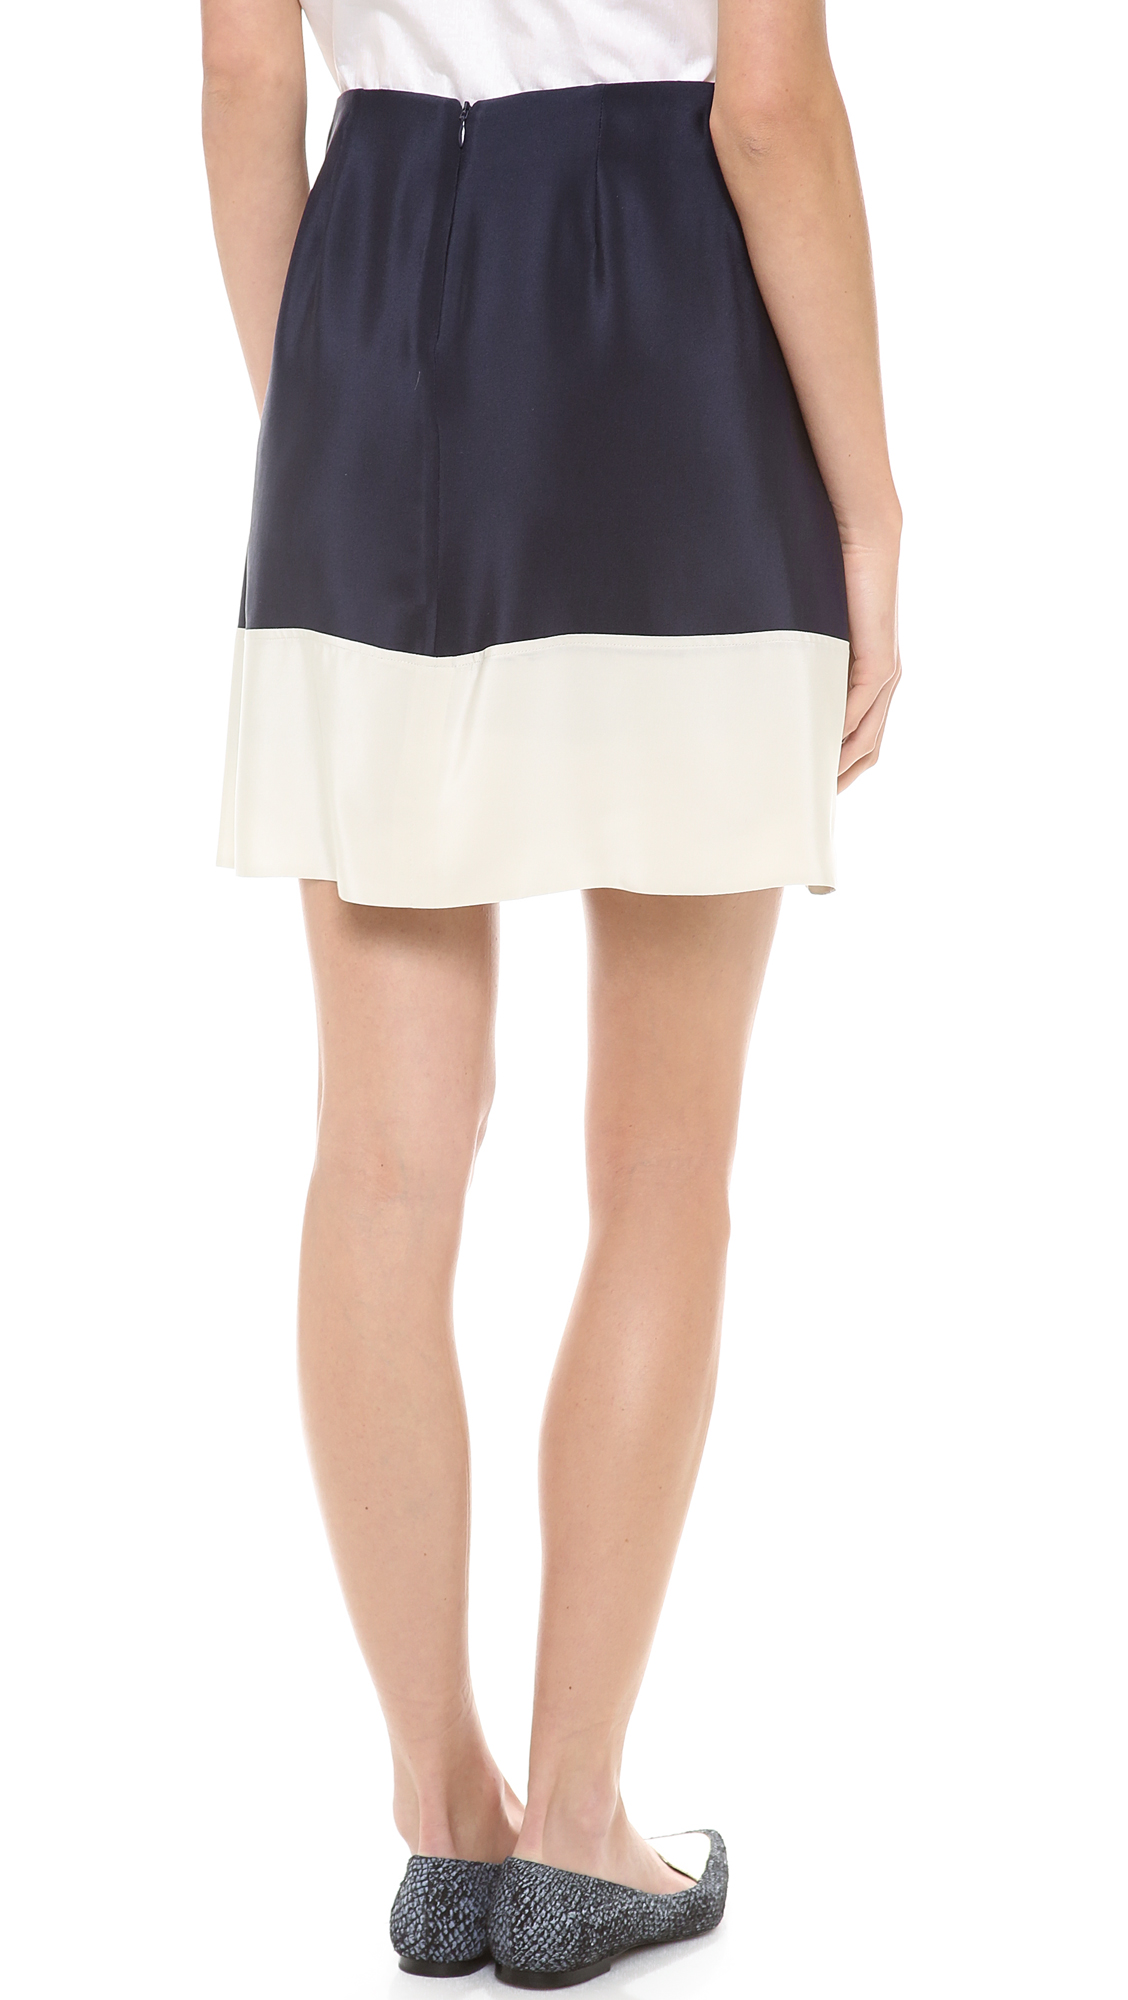 951400c8ab 3.1 Phillip Lim Pleated Umbrella Skirt | SHOPBOP